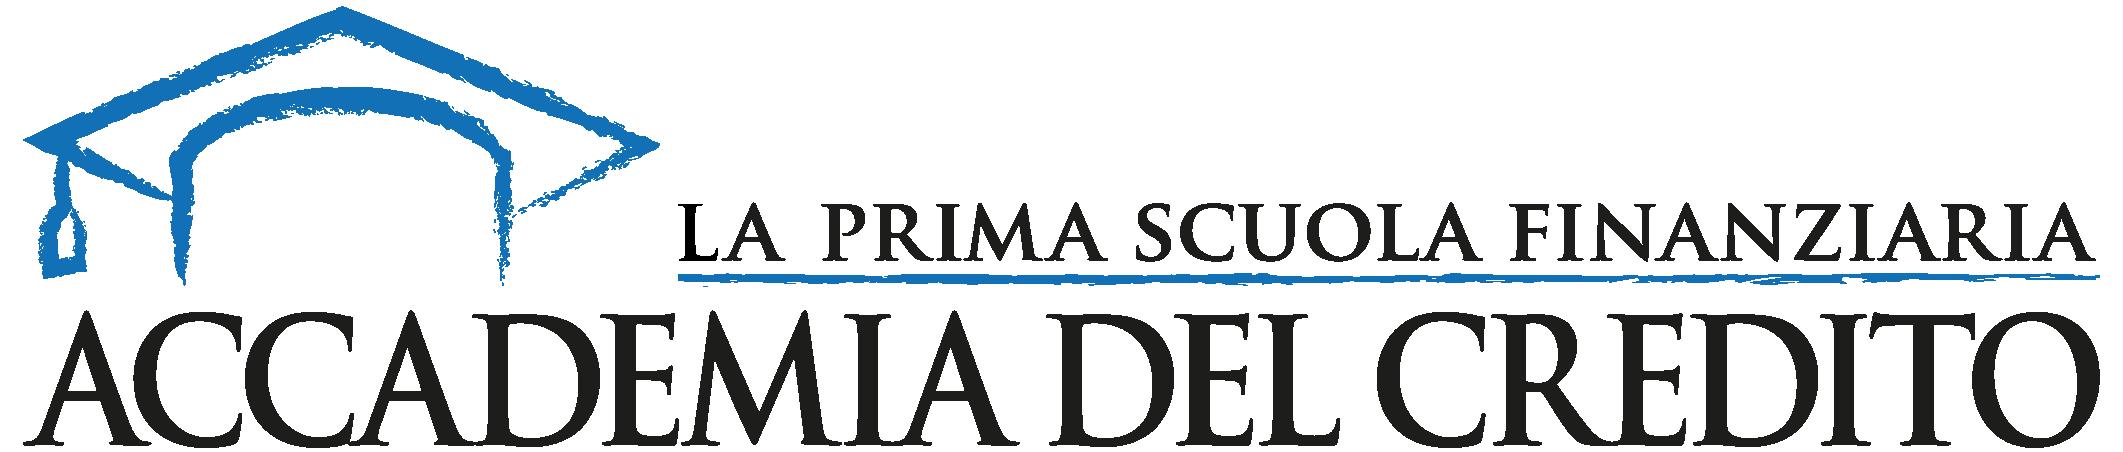 Immagine del logo di accesso